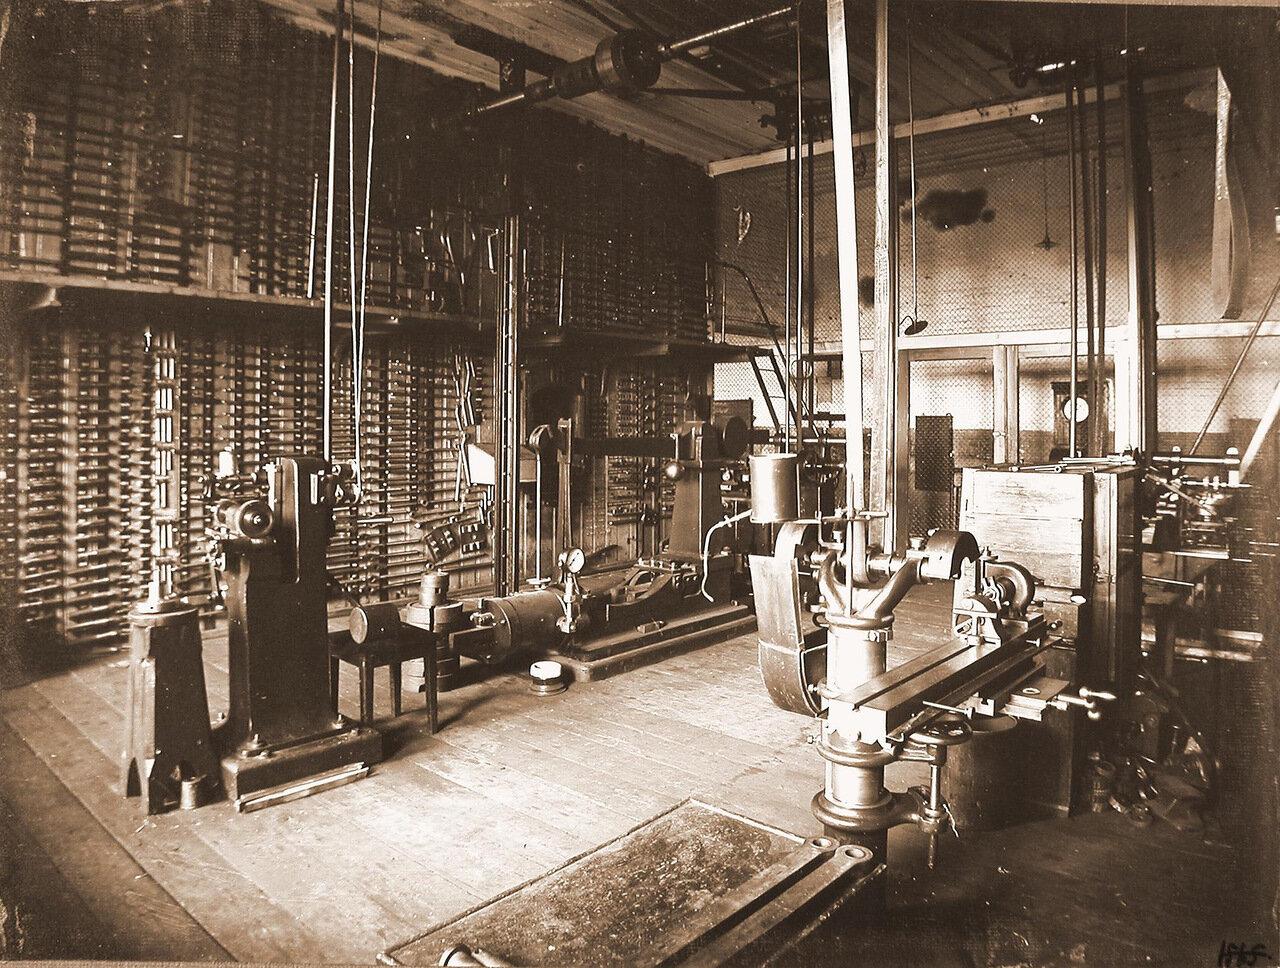 32. Вид станков (на первом плане) и инструментов плашек для нарезки внутренней и наружной резьбы в одном из цехов мастерской.